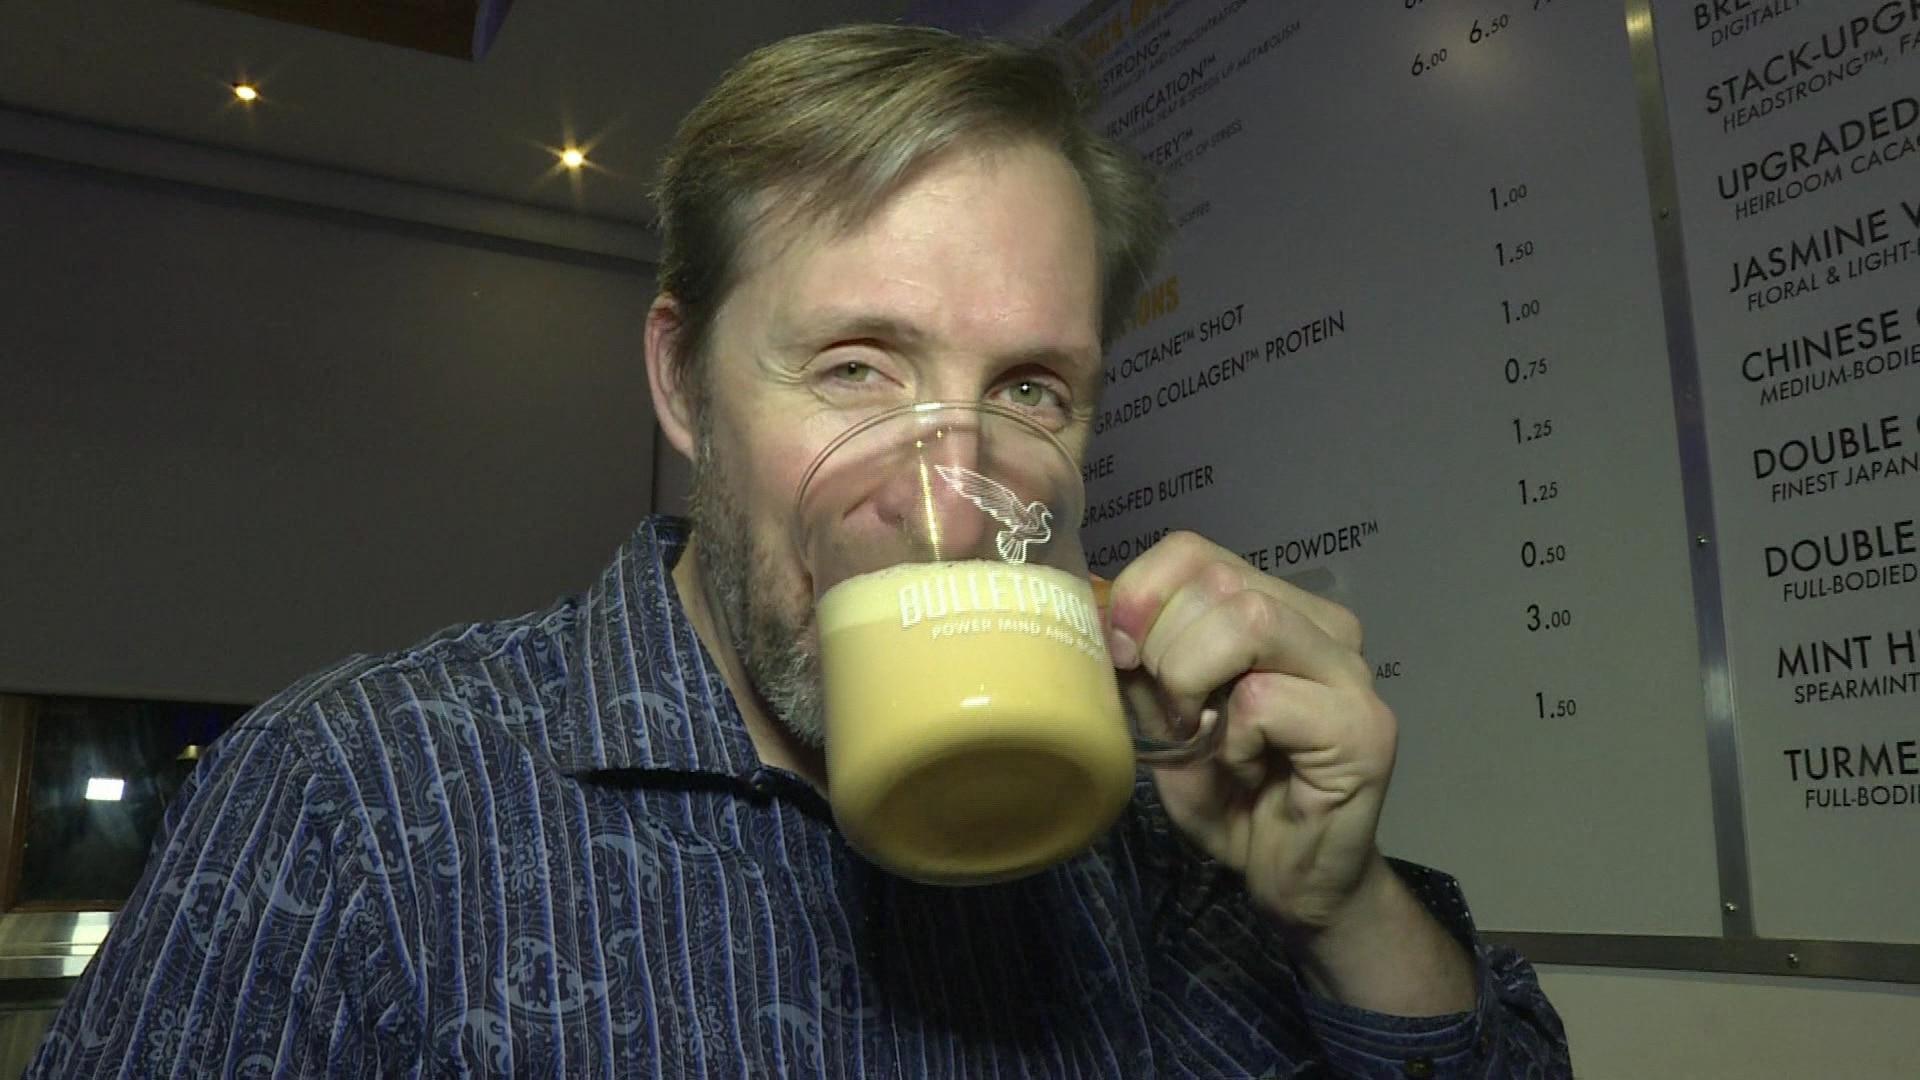 Emagrecer bebendo café?